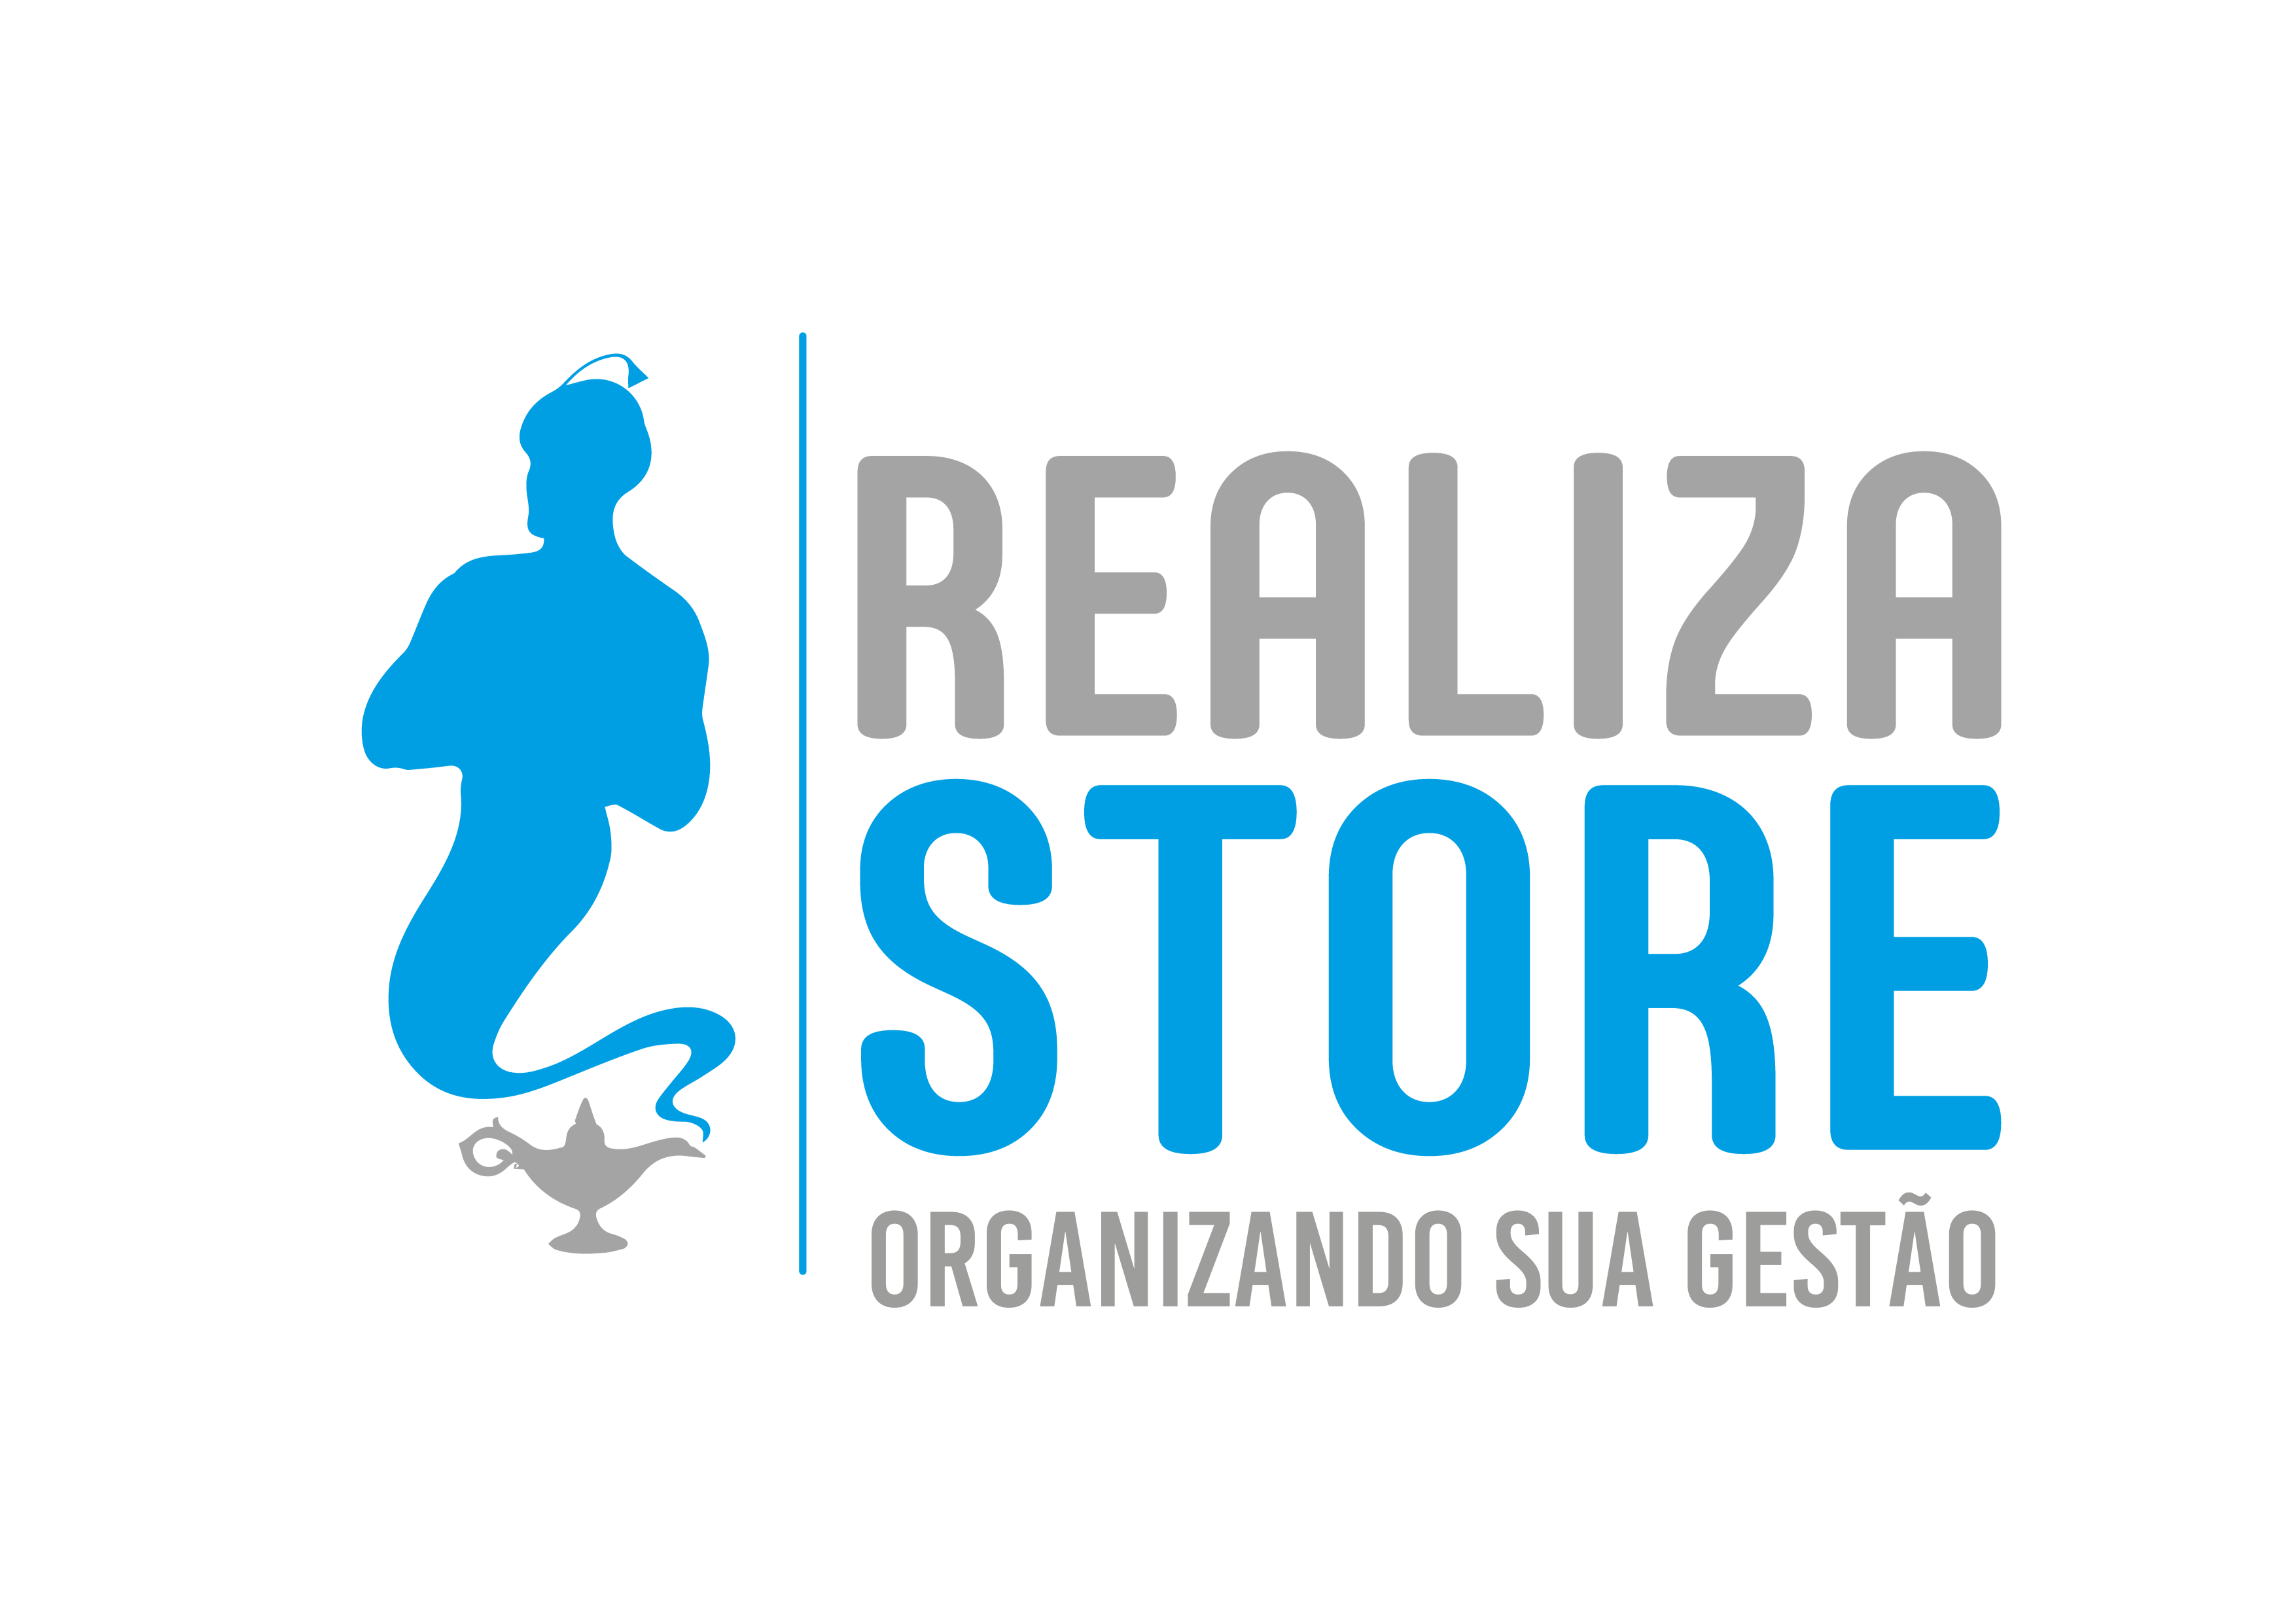 REALIZA STORE